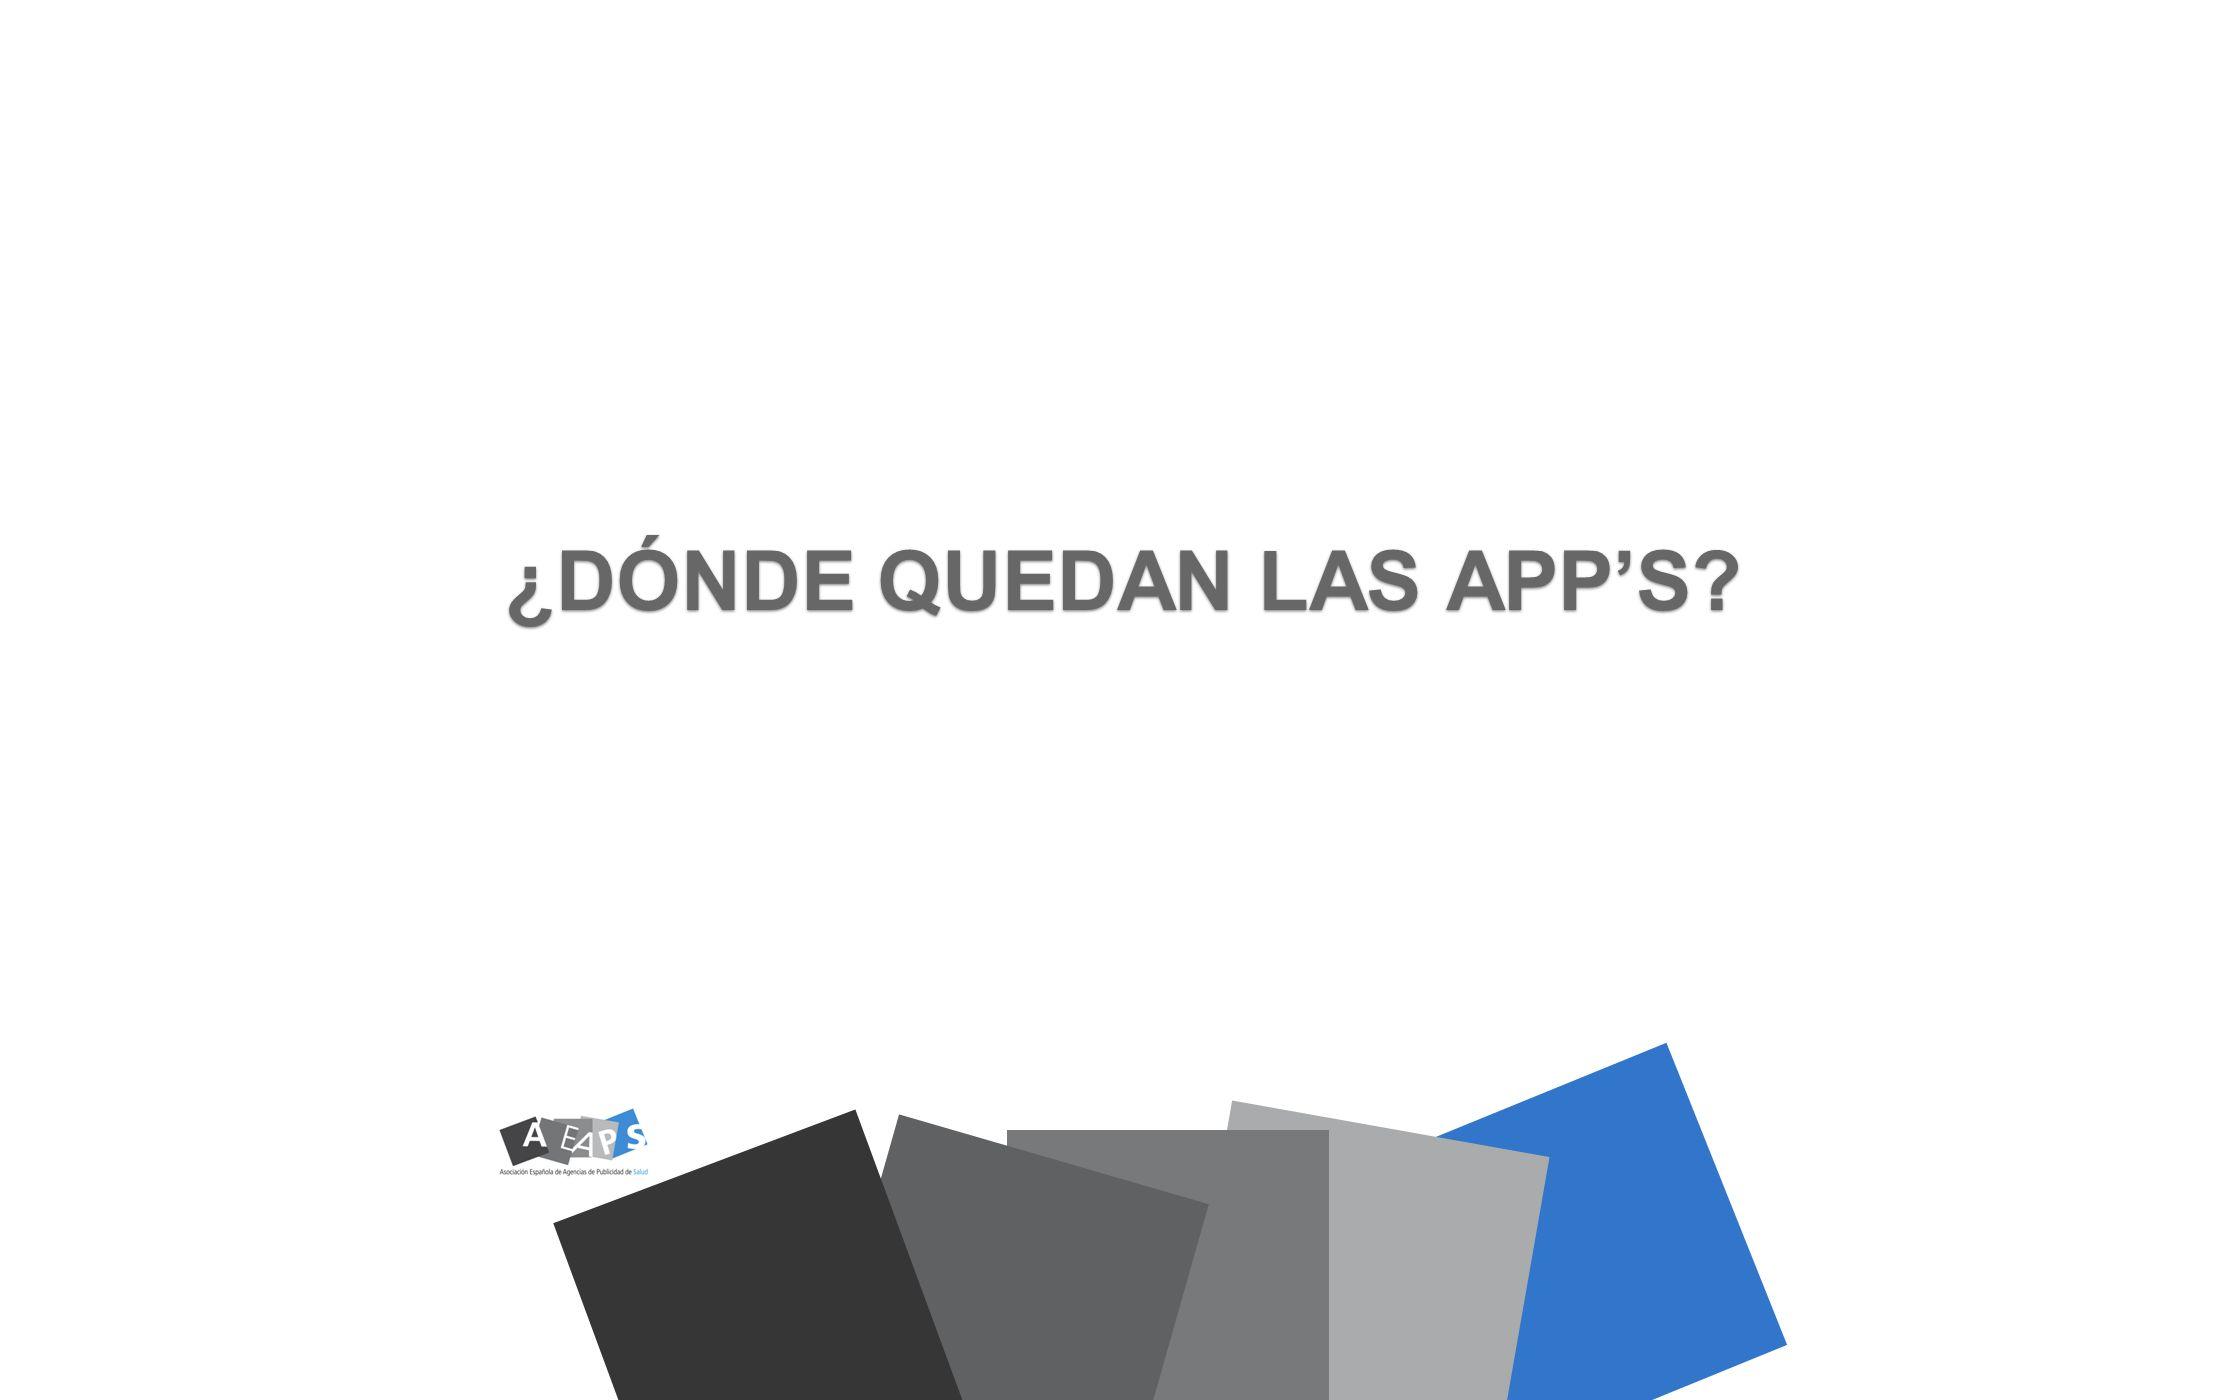 ¿DÓNDE QUEDAN LAS APP'S